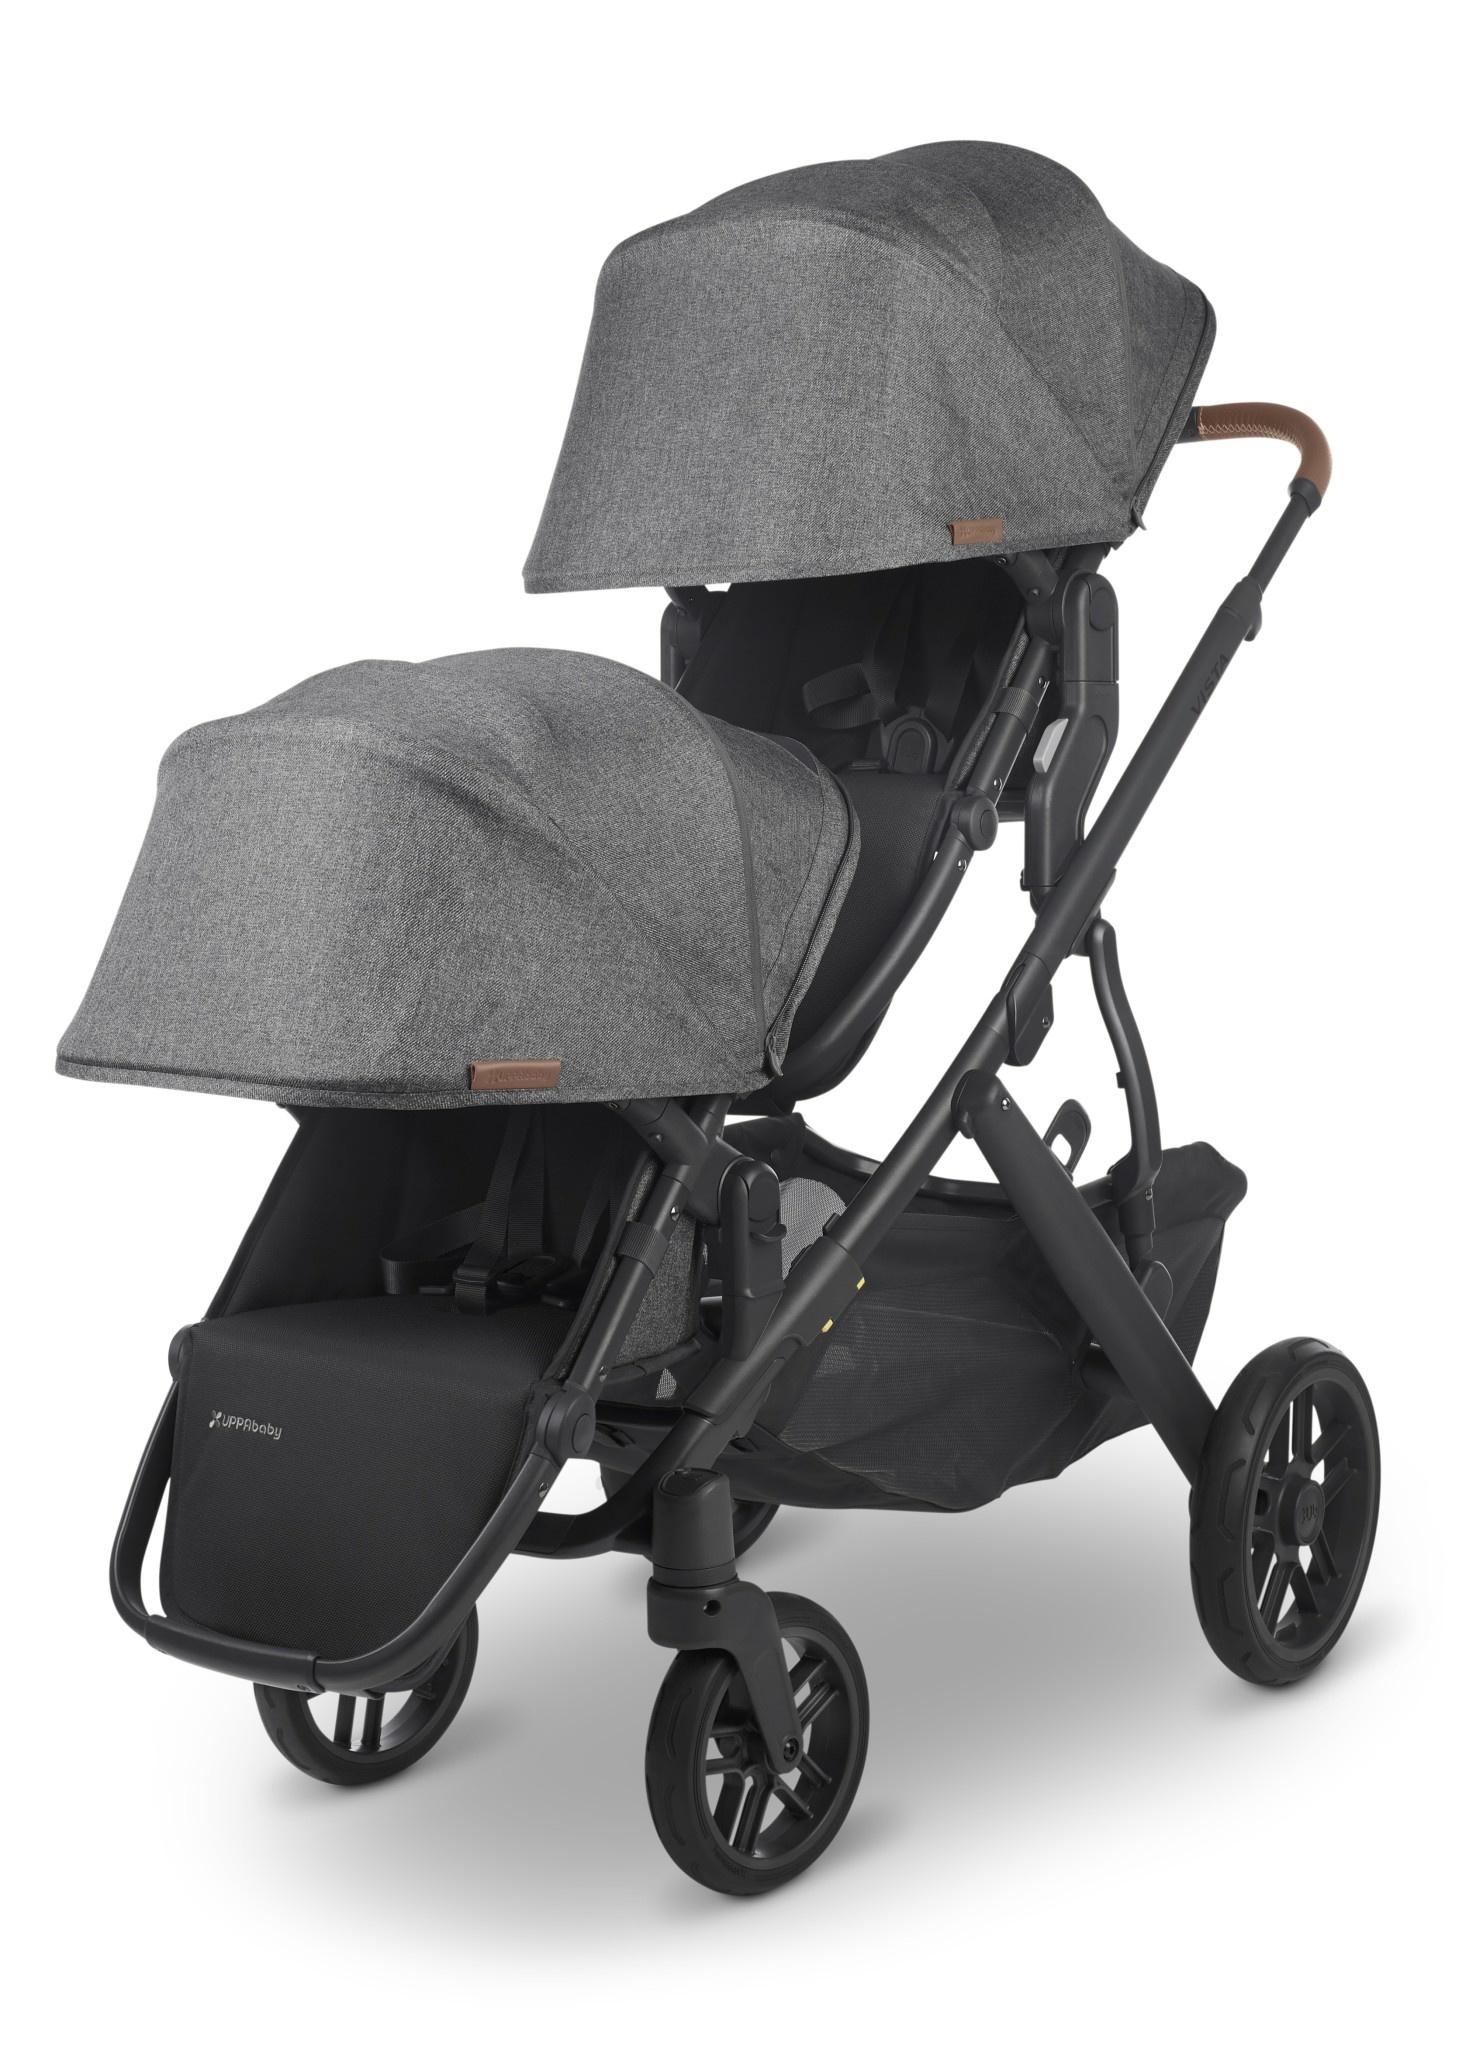 UPPABaby V2 Vista Stroller